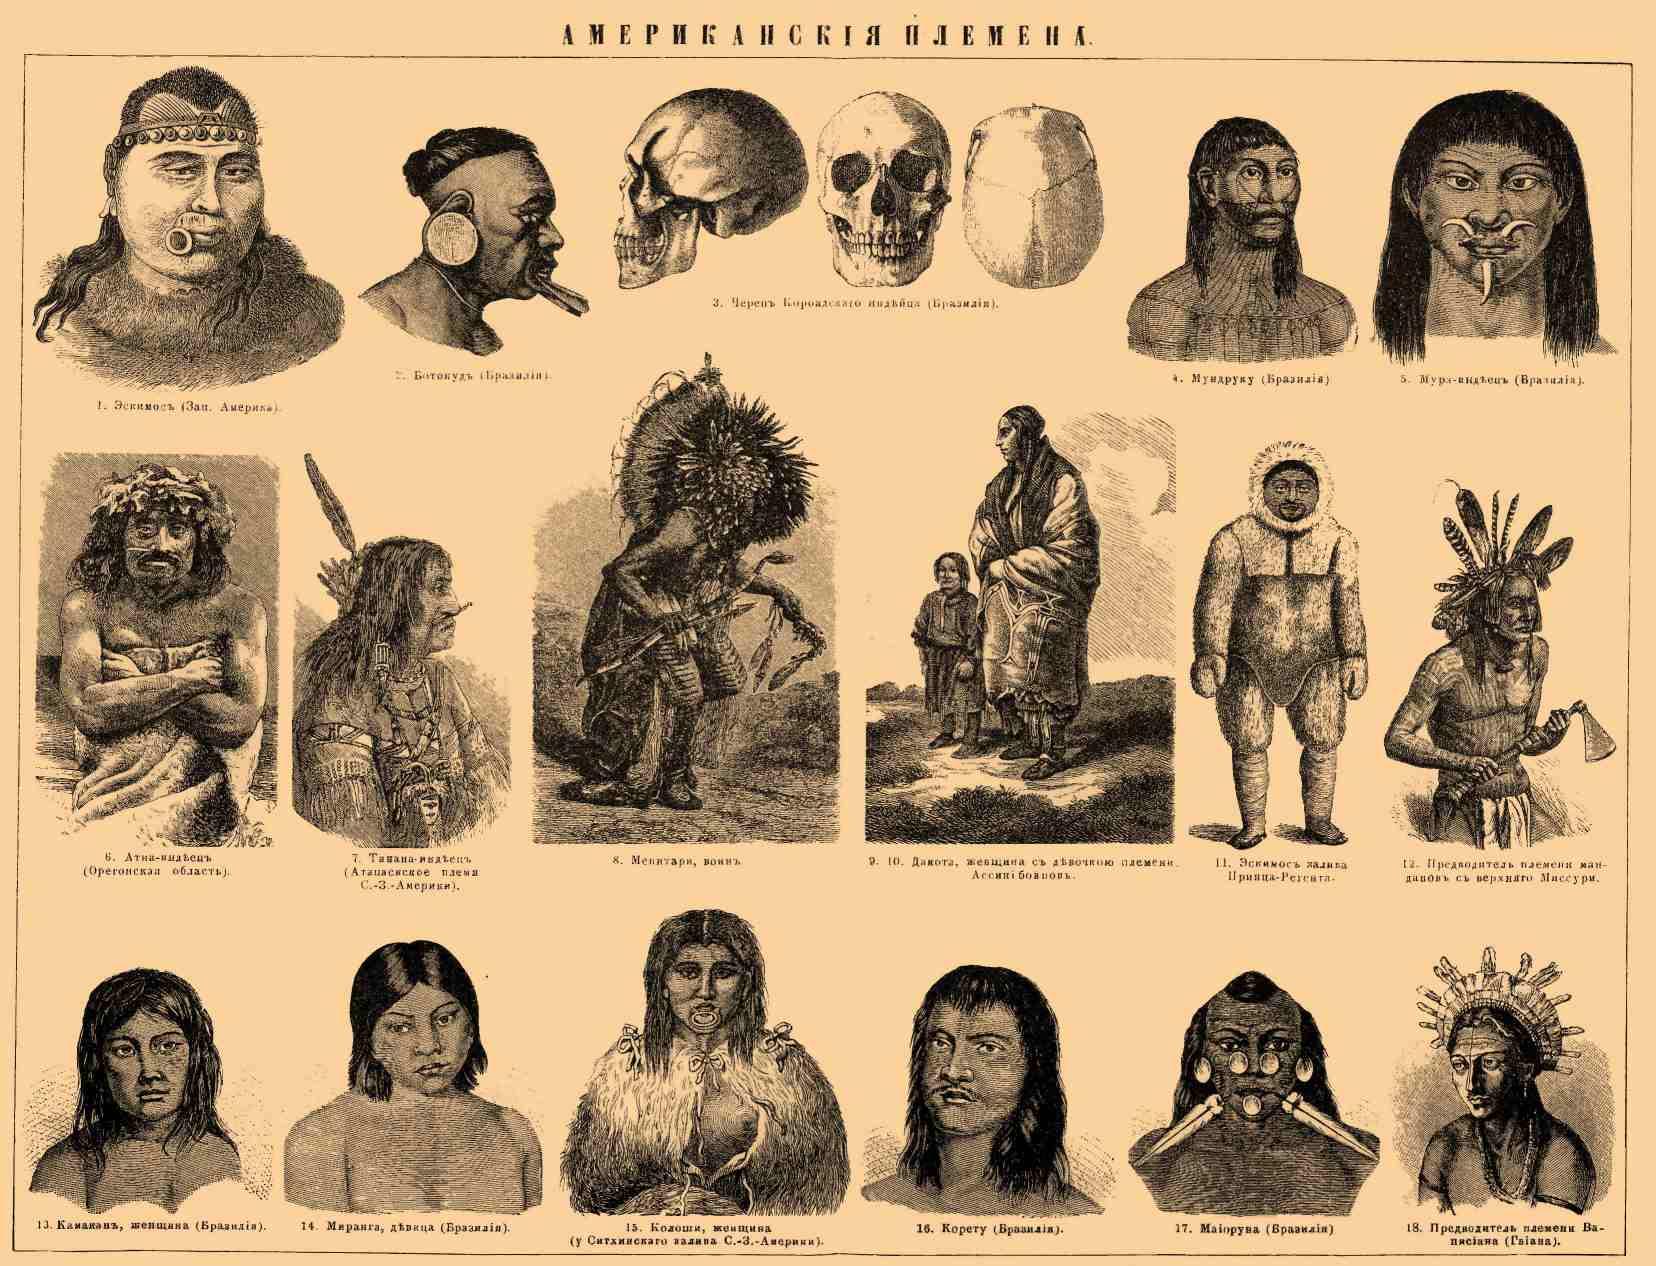 происхождение американских индейцев генное форум Справочная (важная